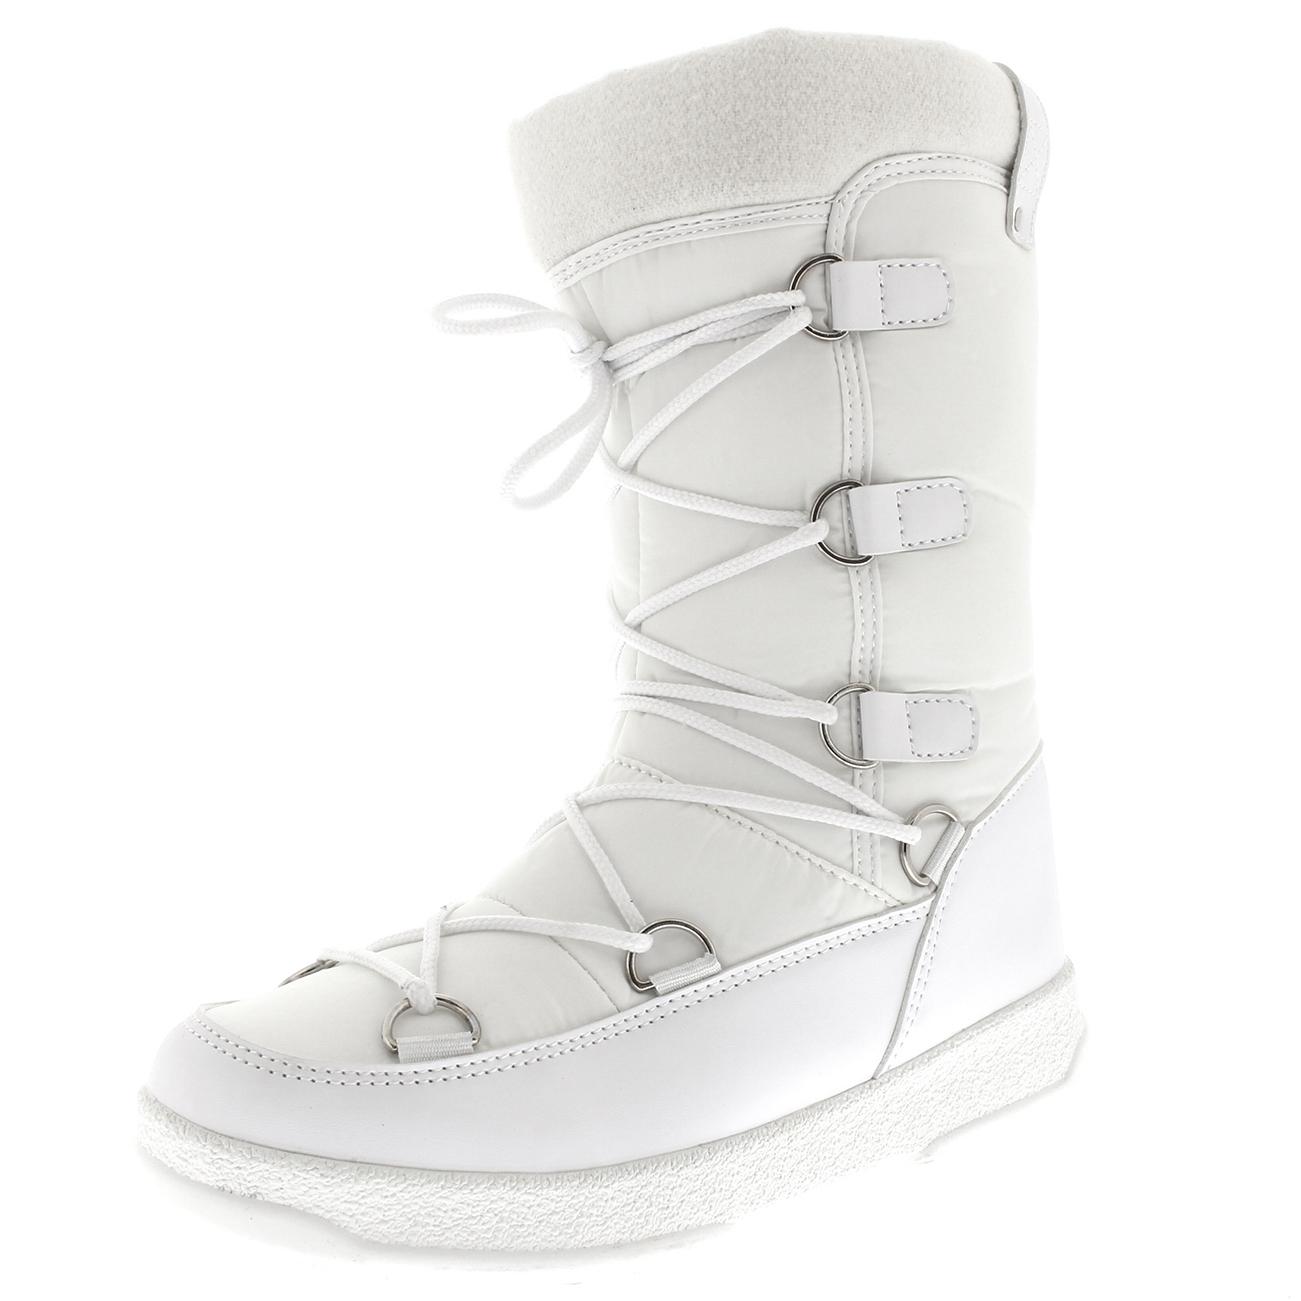 NIEVE-de-invierno-para-mujer-impermeable-durable-Fleece-Forrado-Termico-Botas-a-la-rodilla